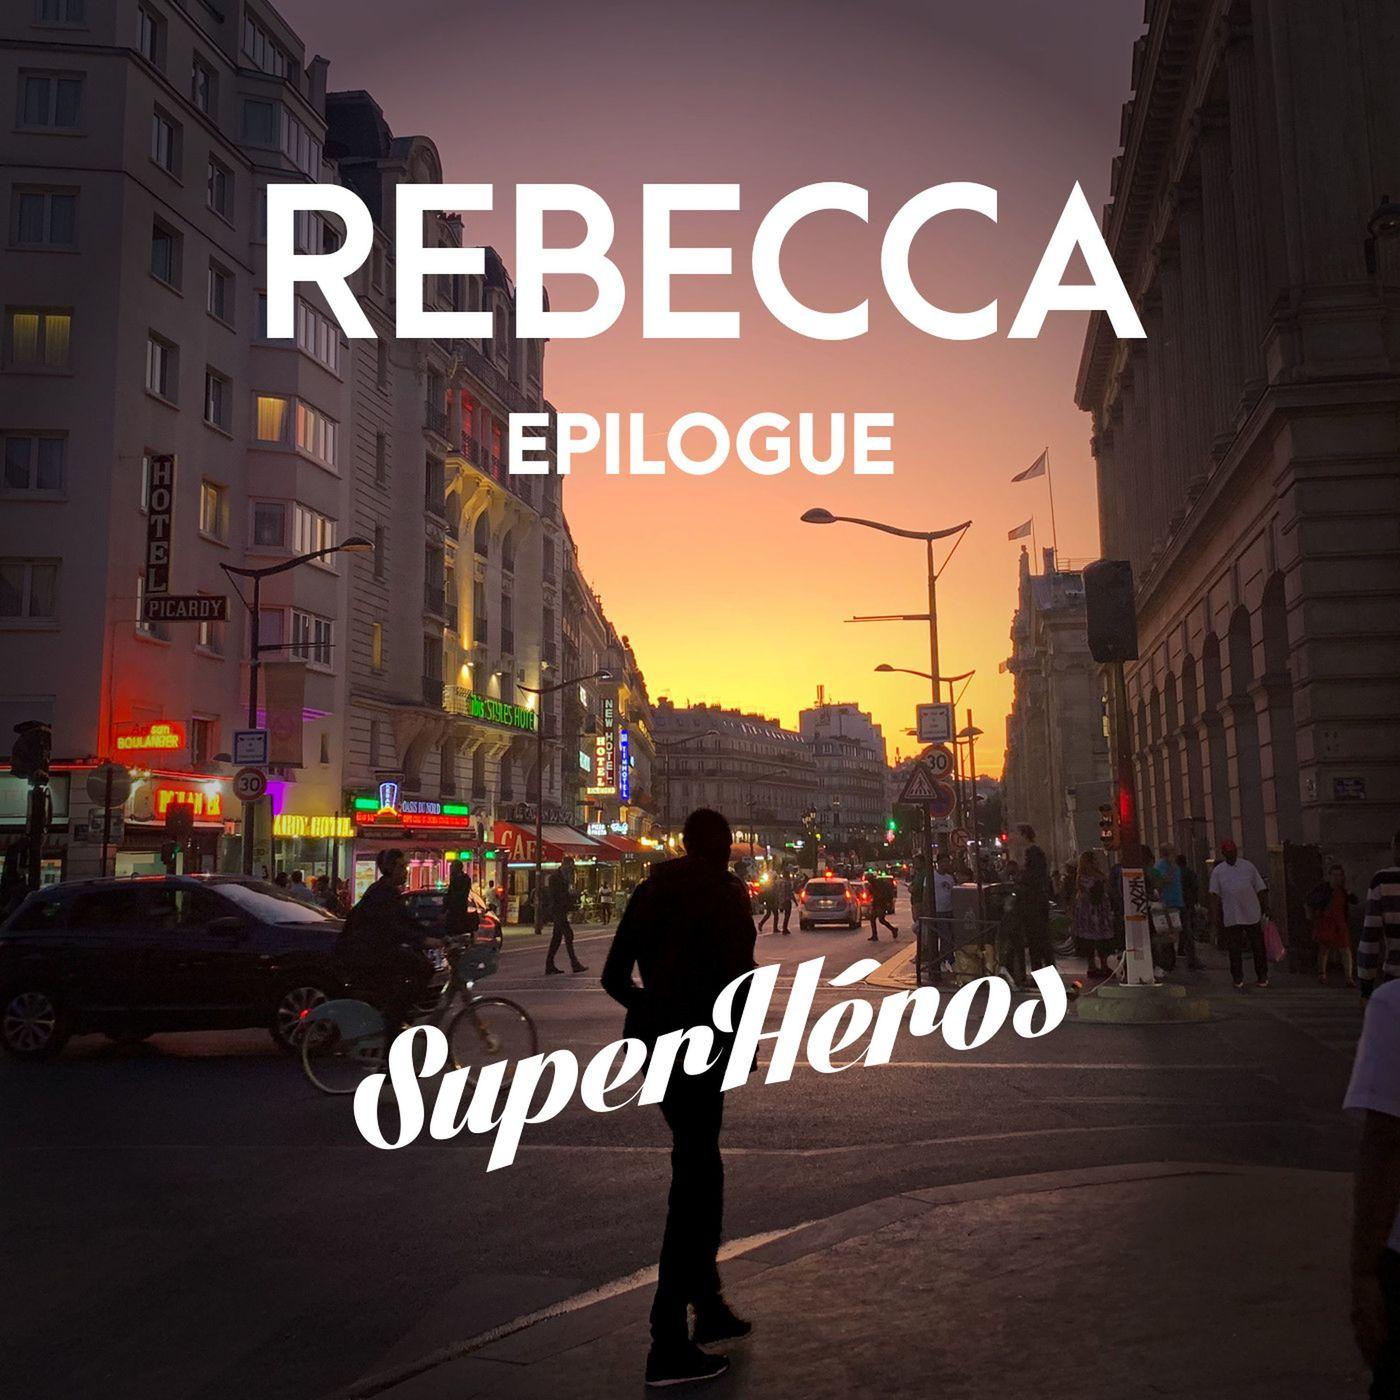 Rebecca - Epilogue